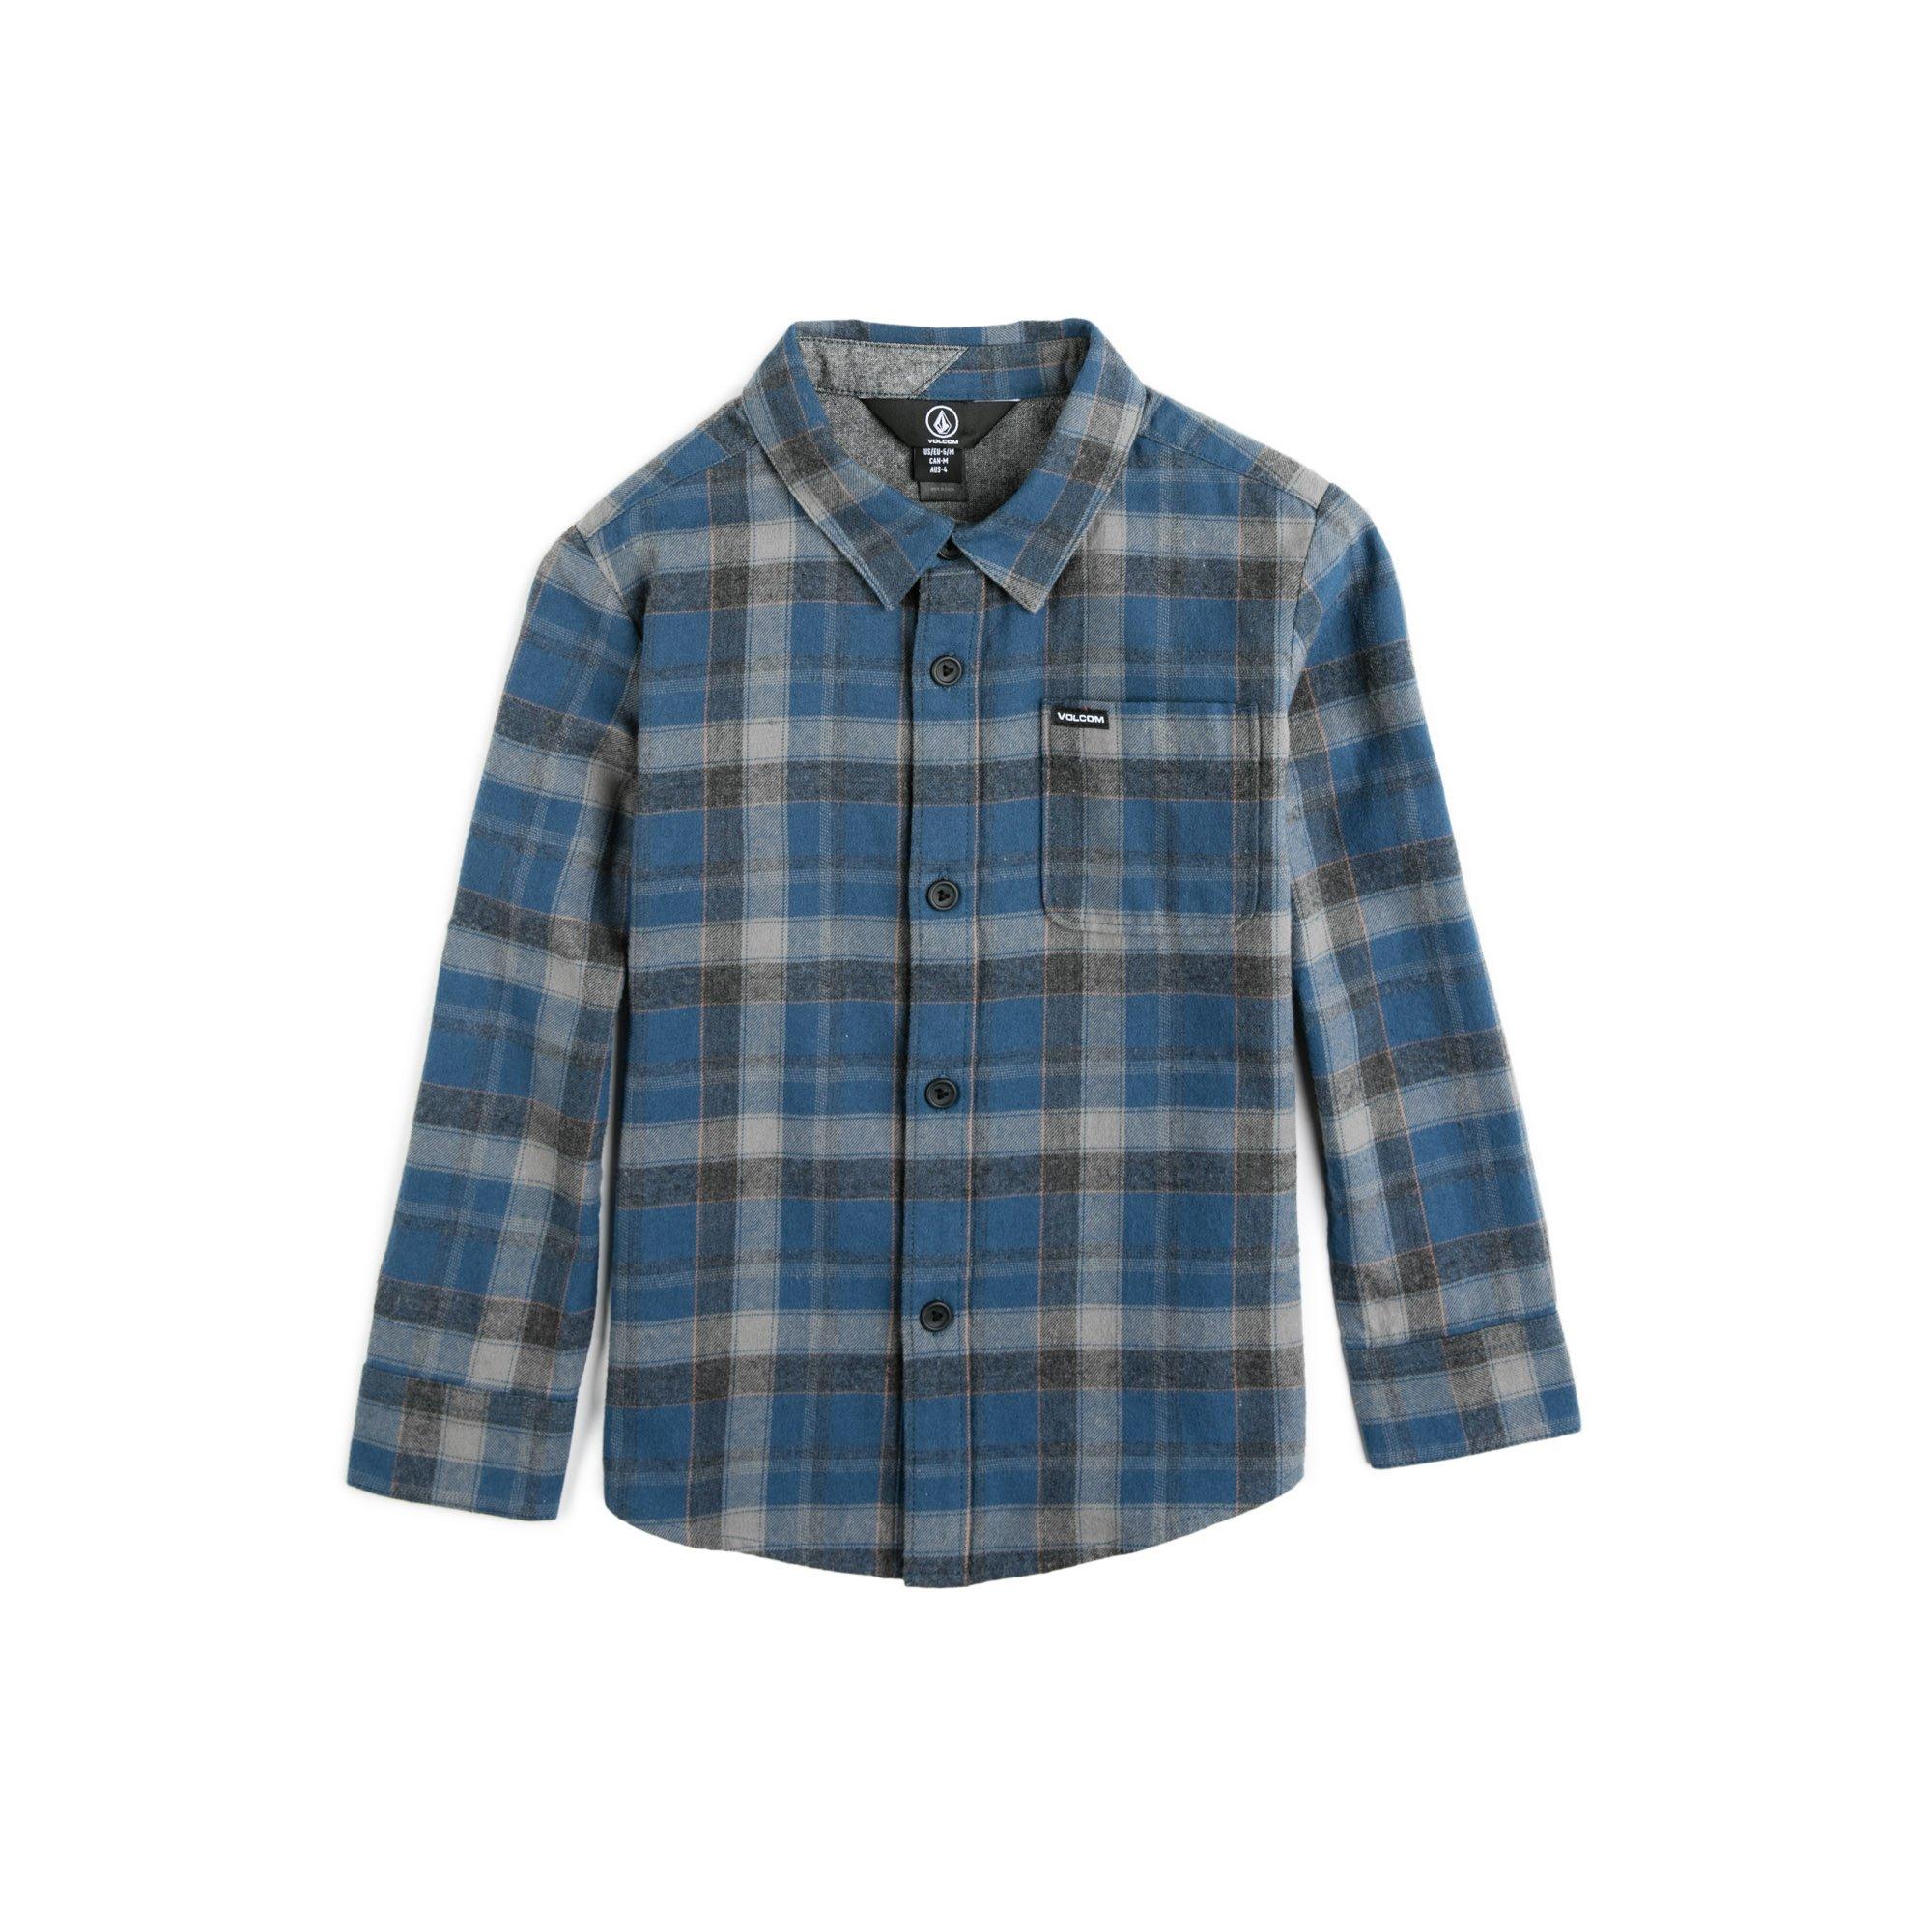 Volcom Little Boys' Caden Long Sleeve Flannel Shirt, Smokey Blue 3T